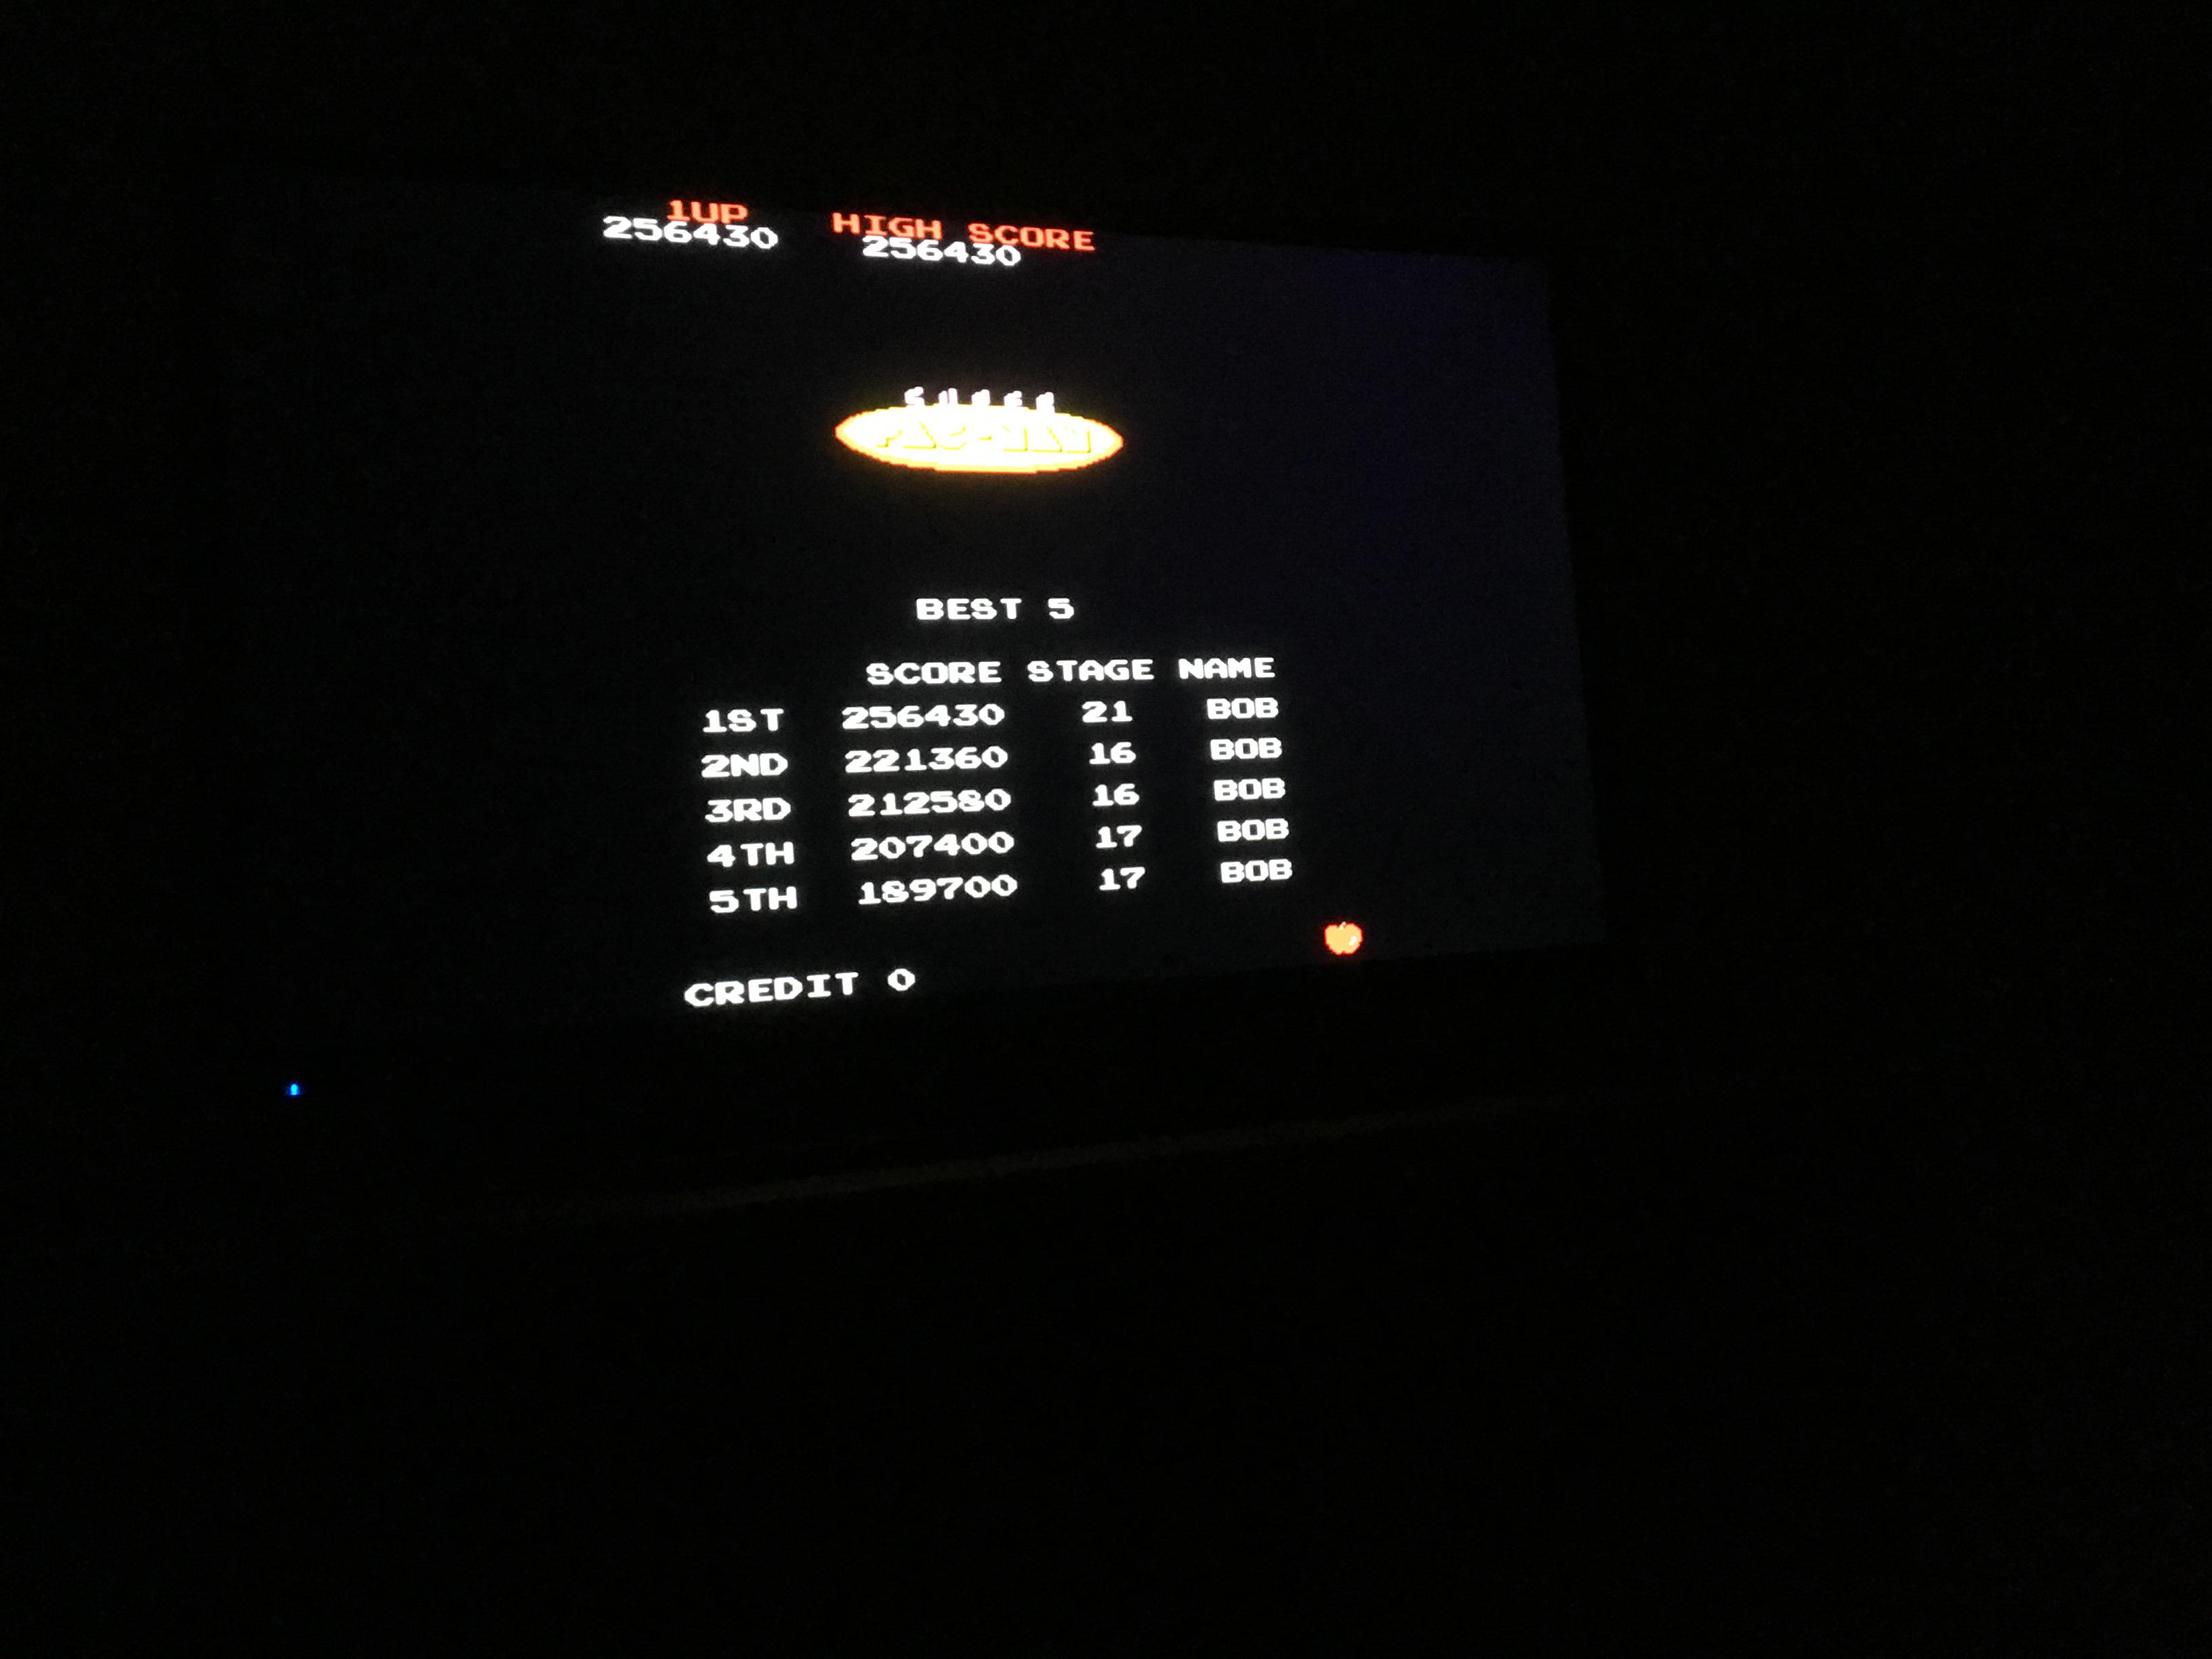 Super Pac-Man 256,430 points